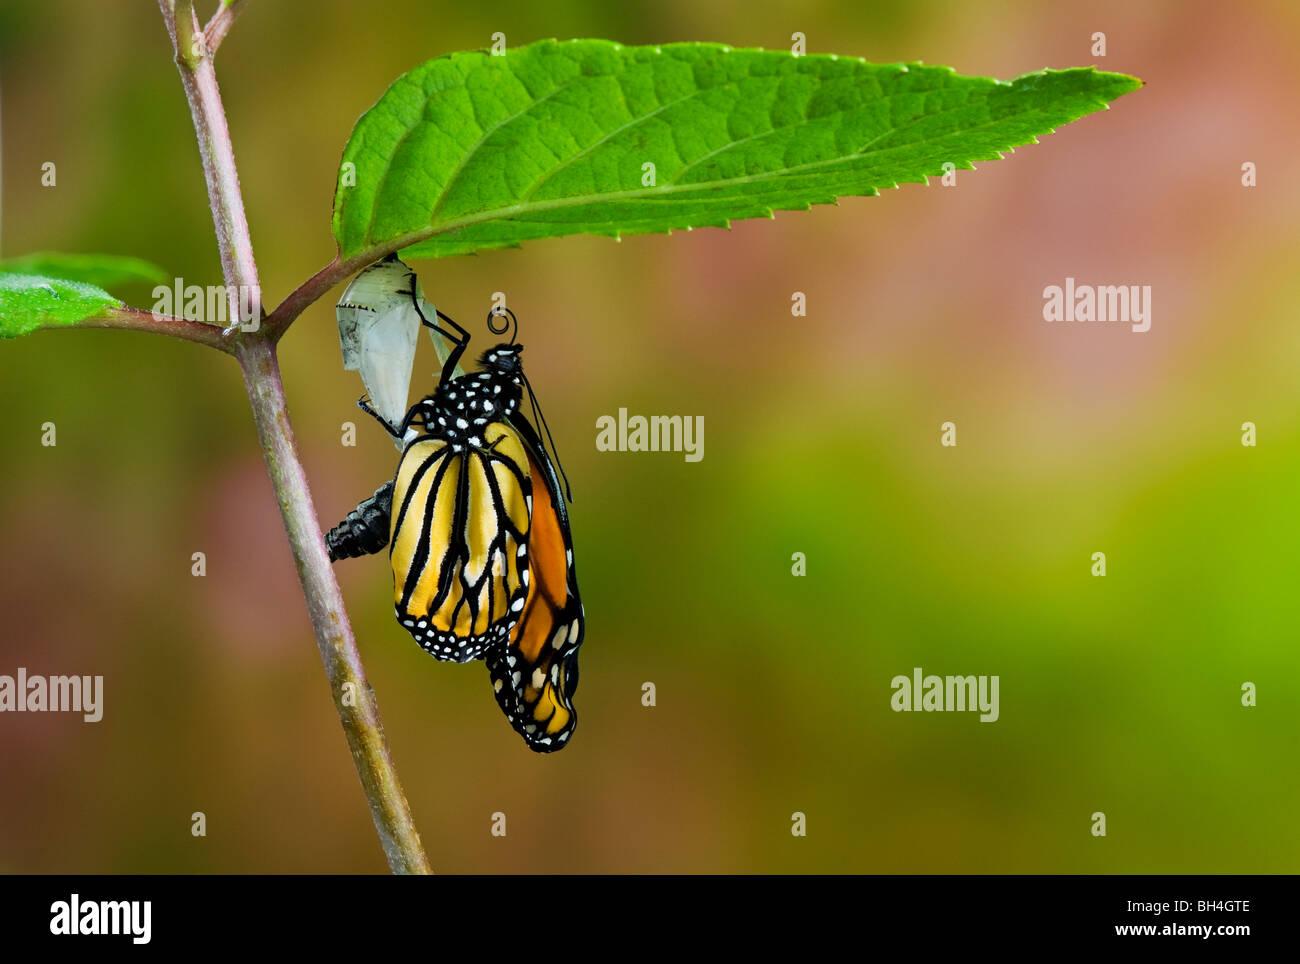 Farfalla monarca emerse dal bozzolo crisalide vuota, il pompaggio di meconio dall'addome in ali, Nova Scotia. Immagini Stock